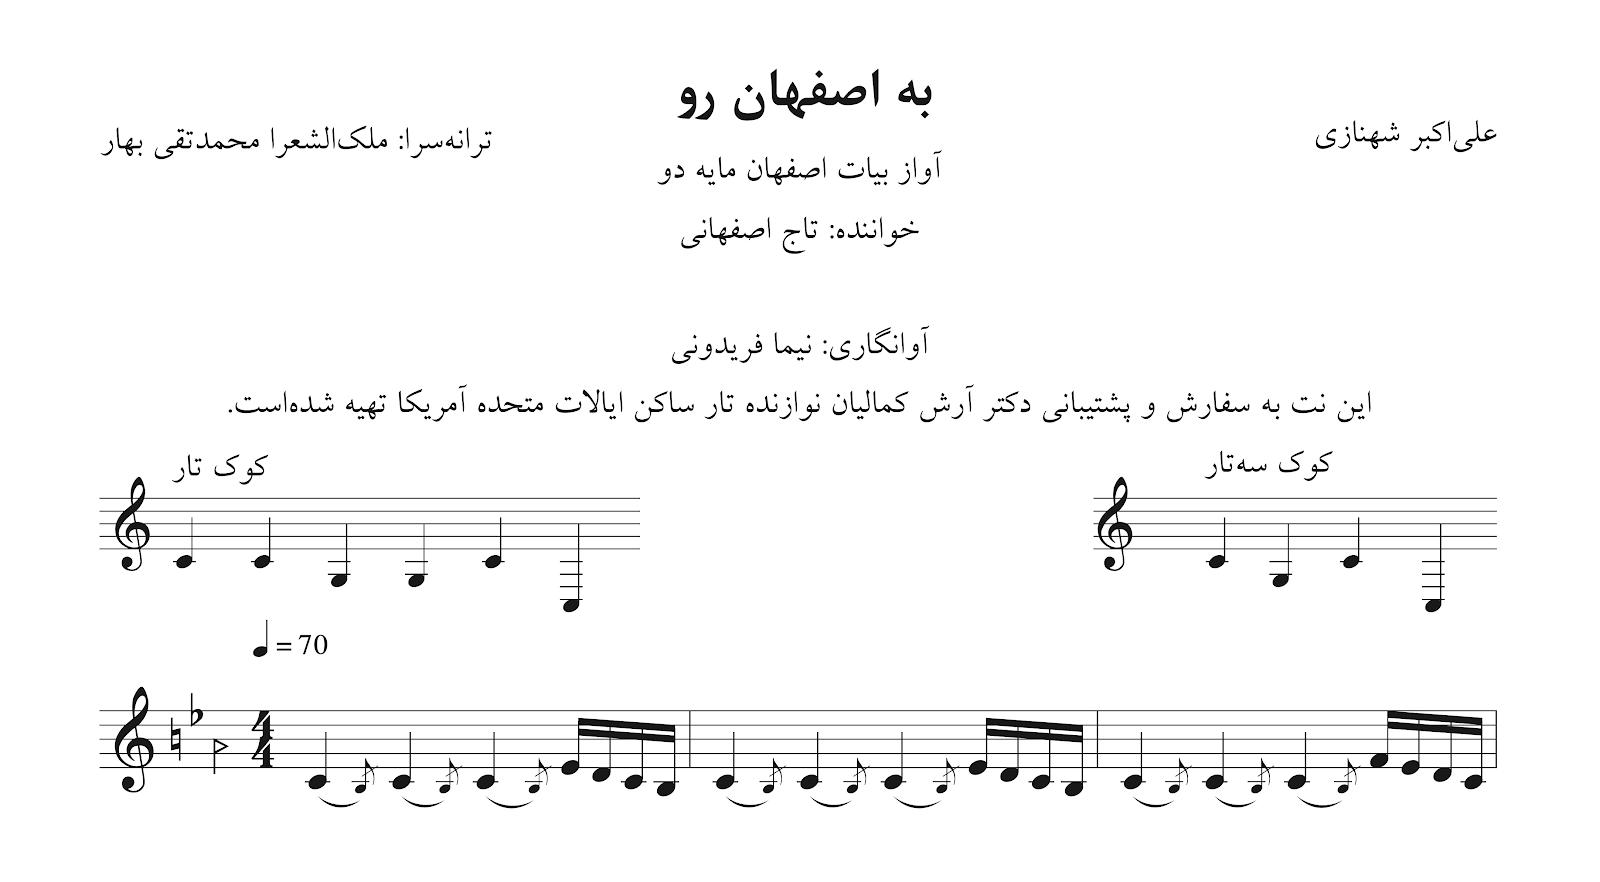 نت به اصفهان رو علیاکبر شهنازی شعر ملکالشعرای بهار تاج اصفهانی